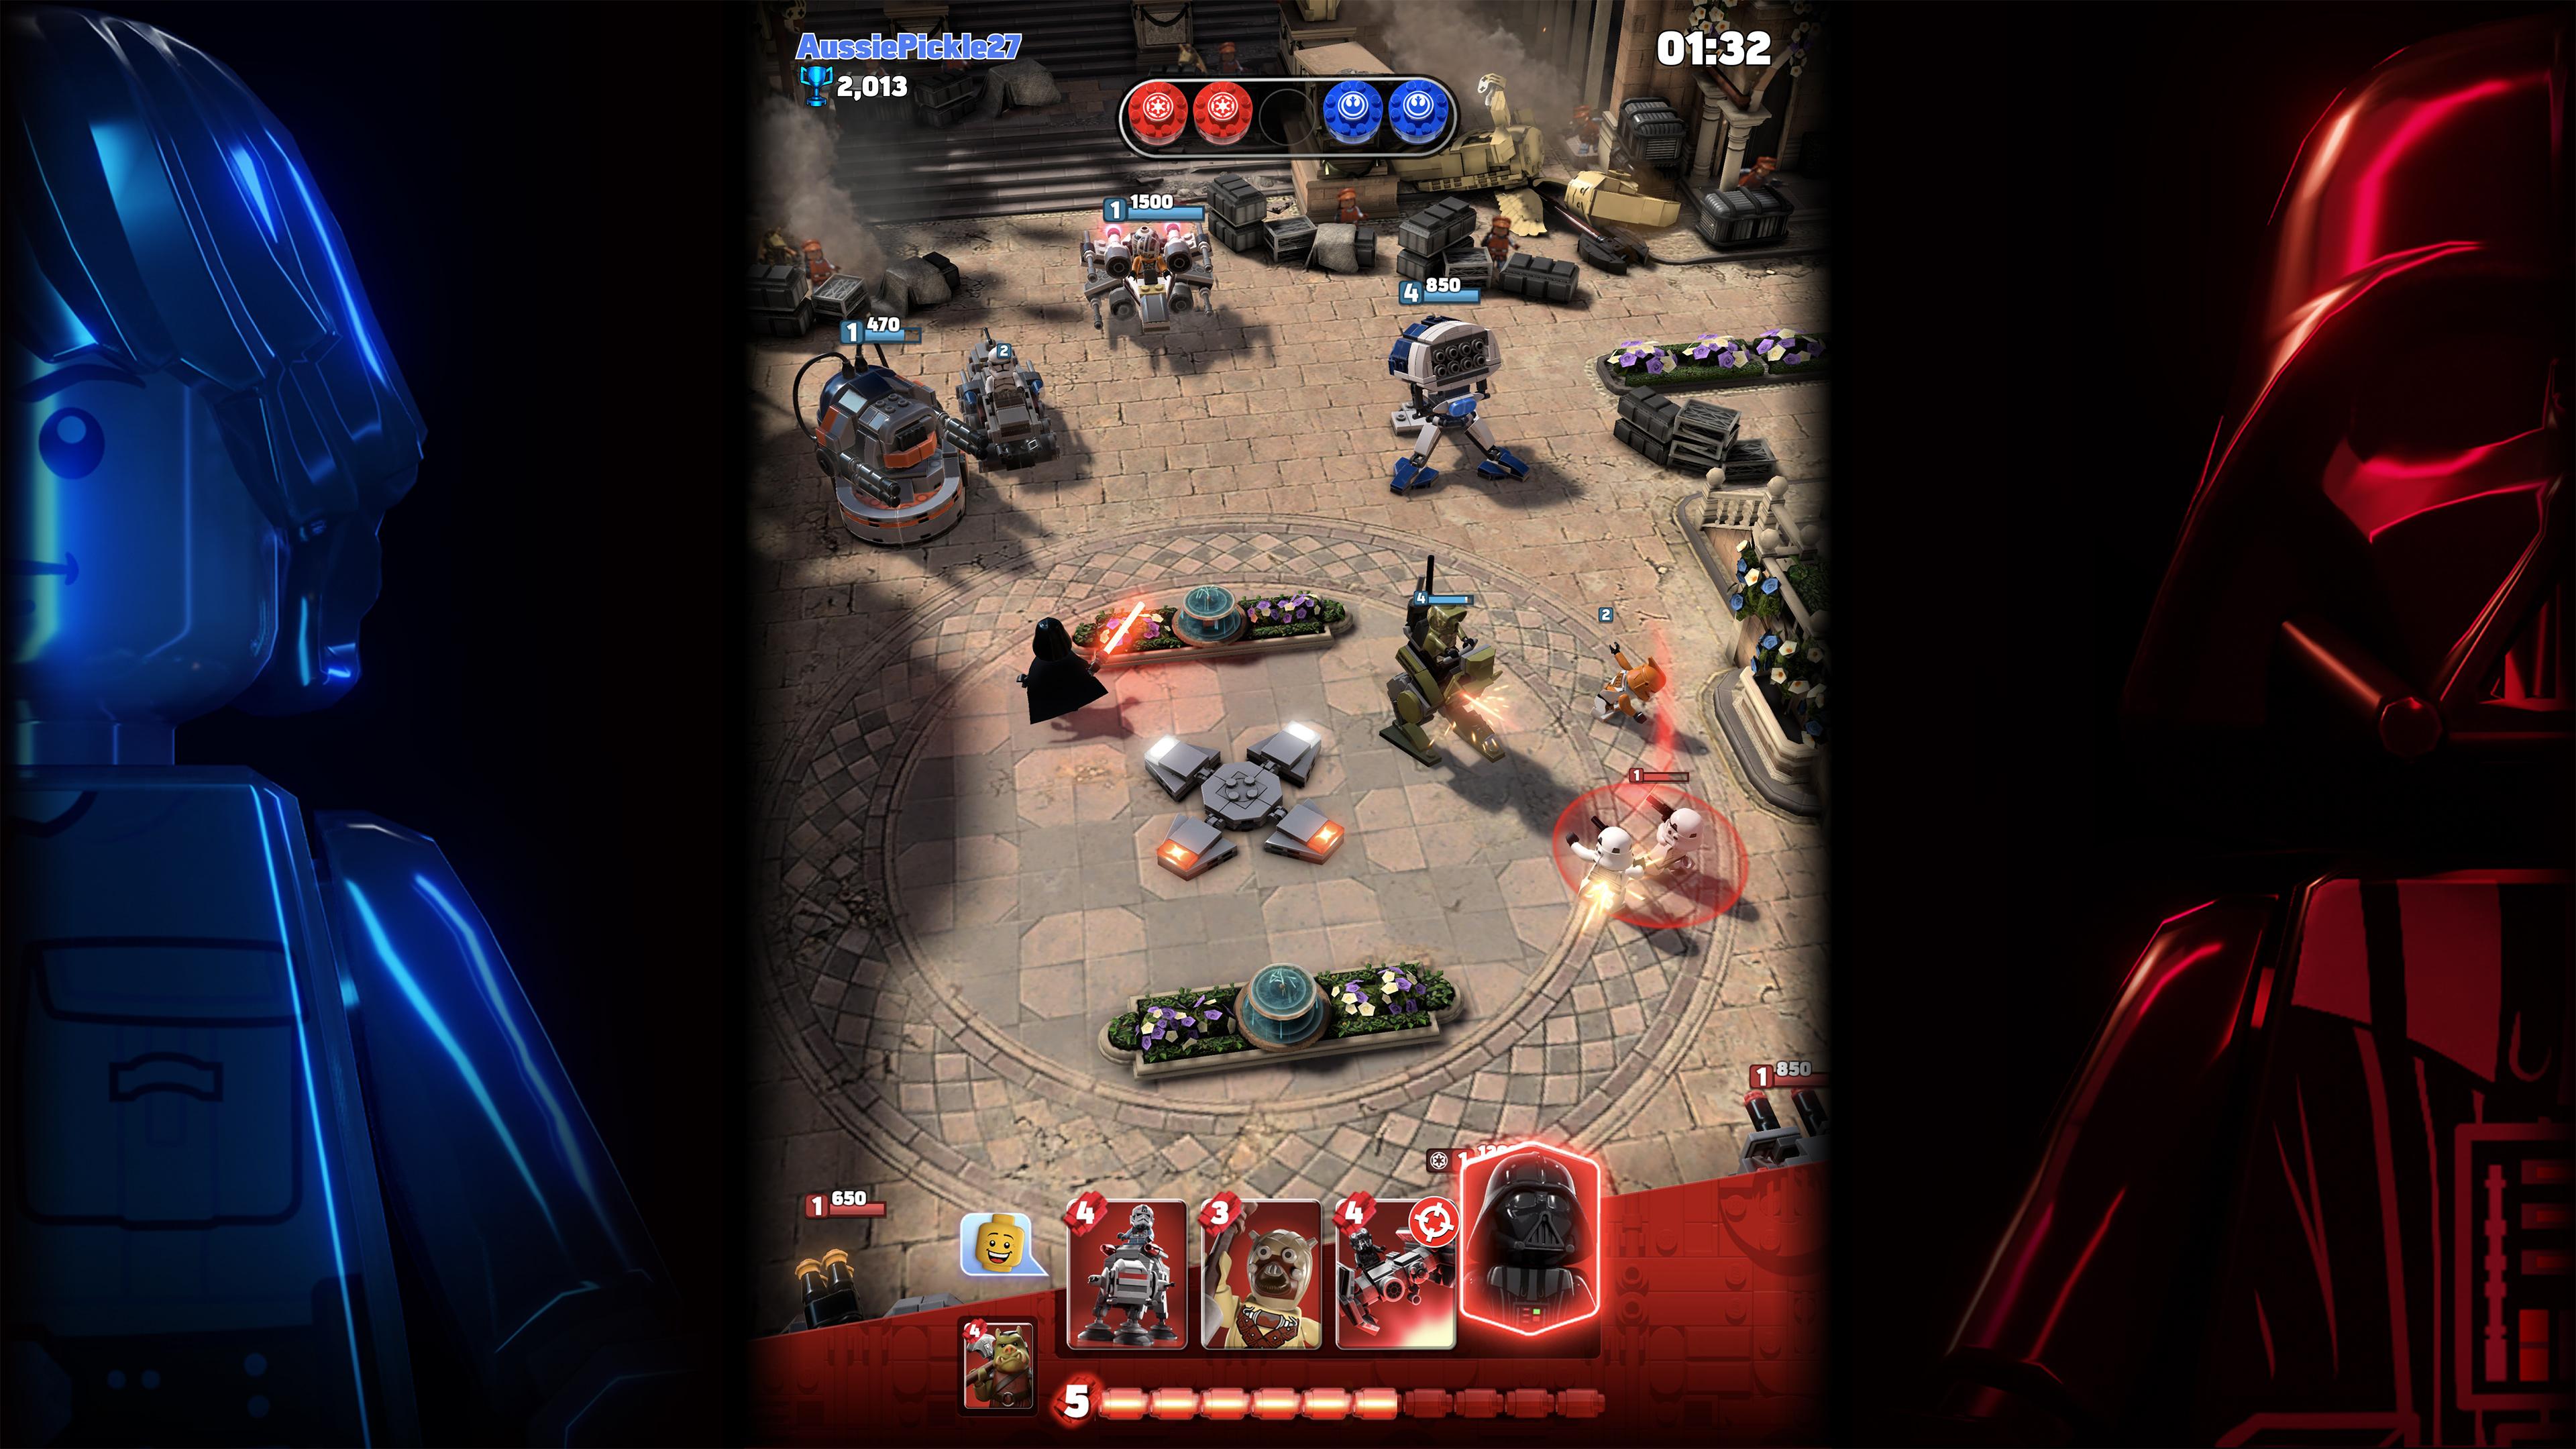 a screenshot from Lego Star Wars Battles